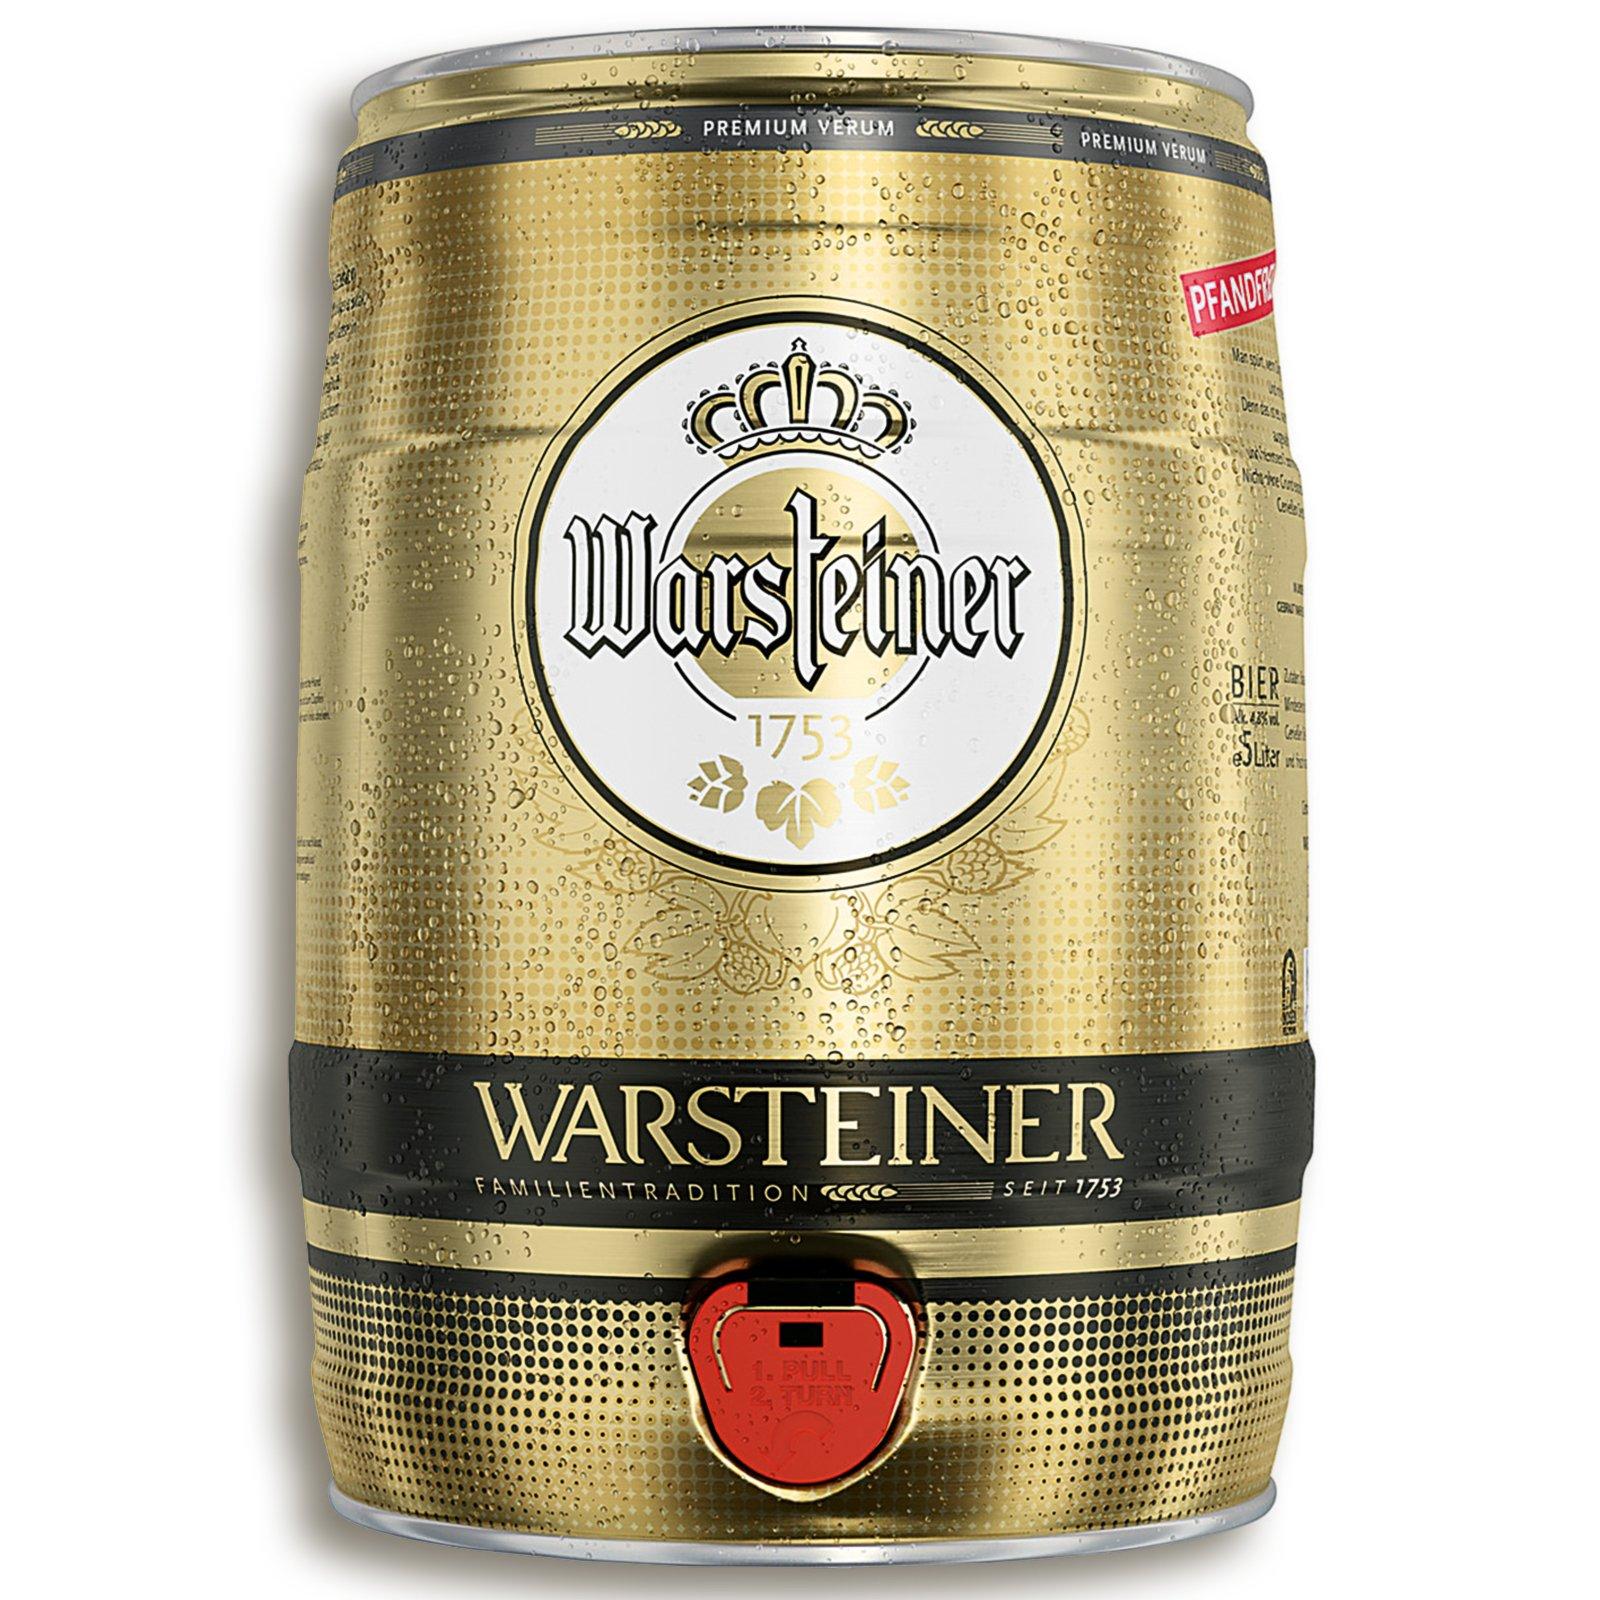 Warsteiner Bierfass - 5 Liter - mit Zapfhahn | Nebensortiment in den ...